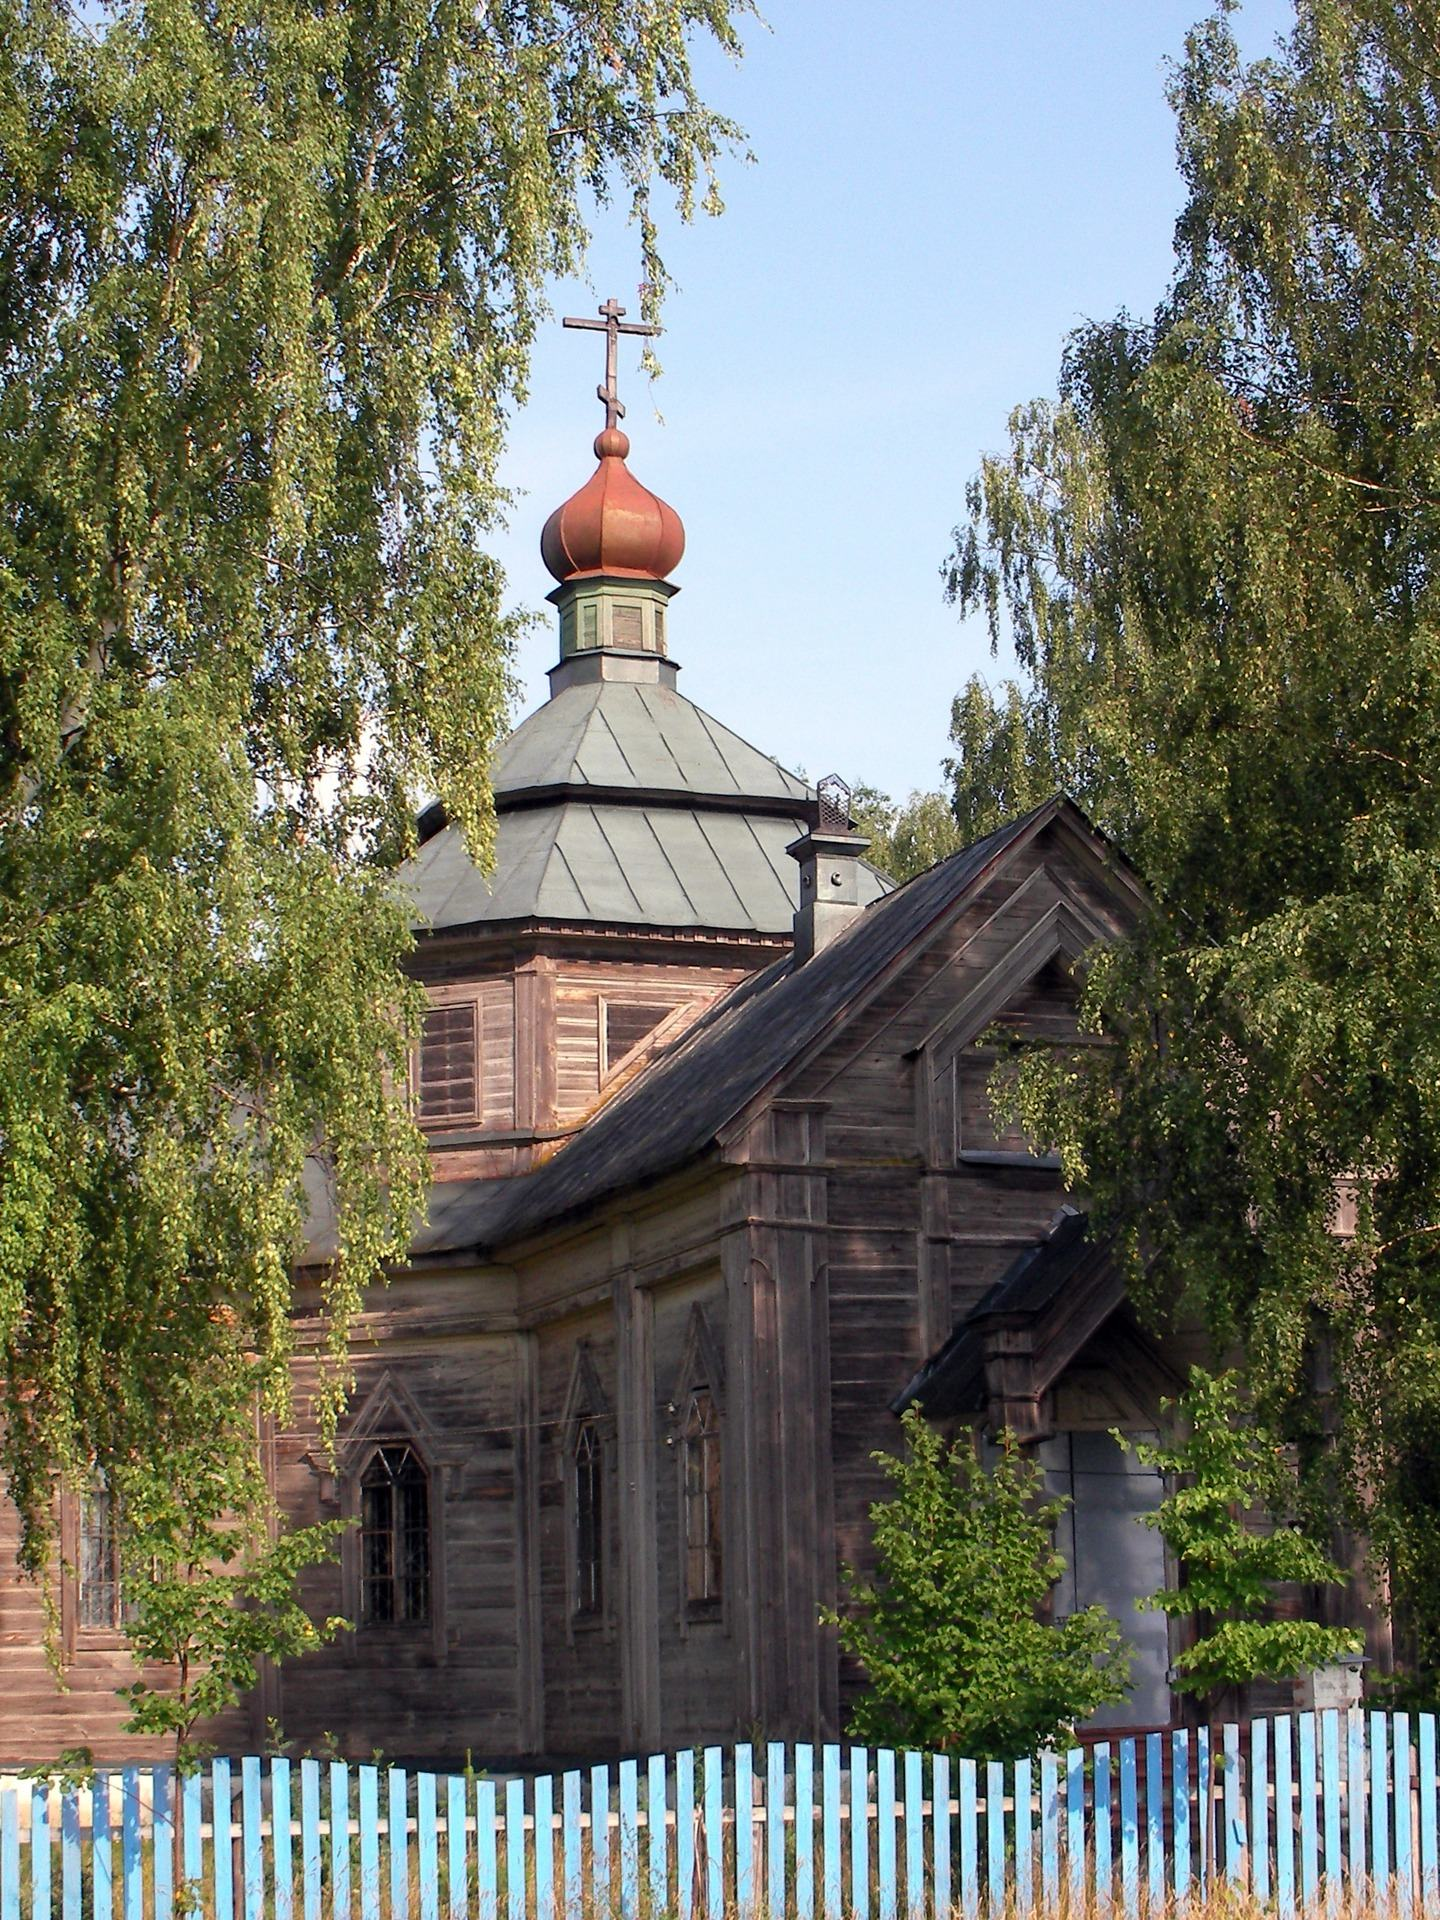 Rusă biserică vechi de credincioși